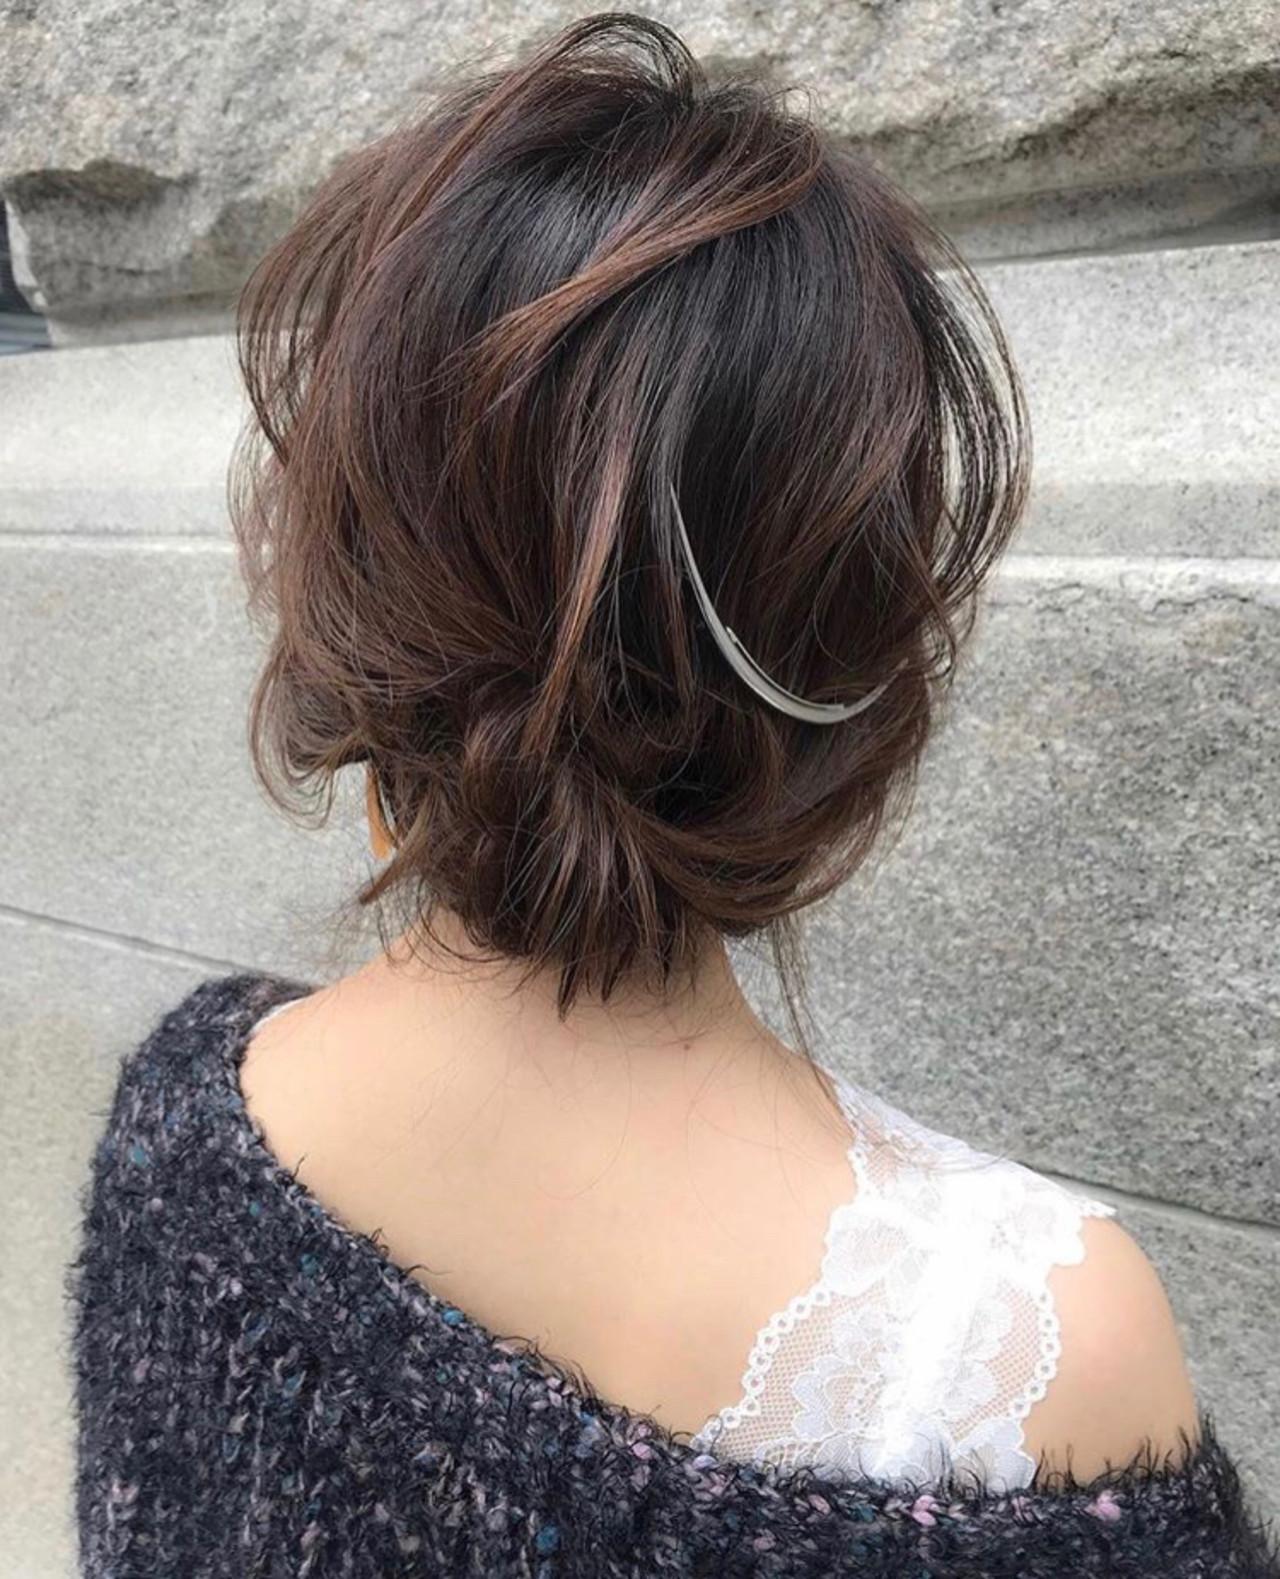 ミディアム 結婚式 デート ナチュラル ヘアスタイルや髪型の写真・画像 | 三木 奨太 / hair set salon  IRIS